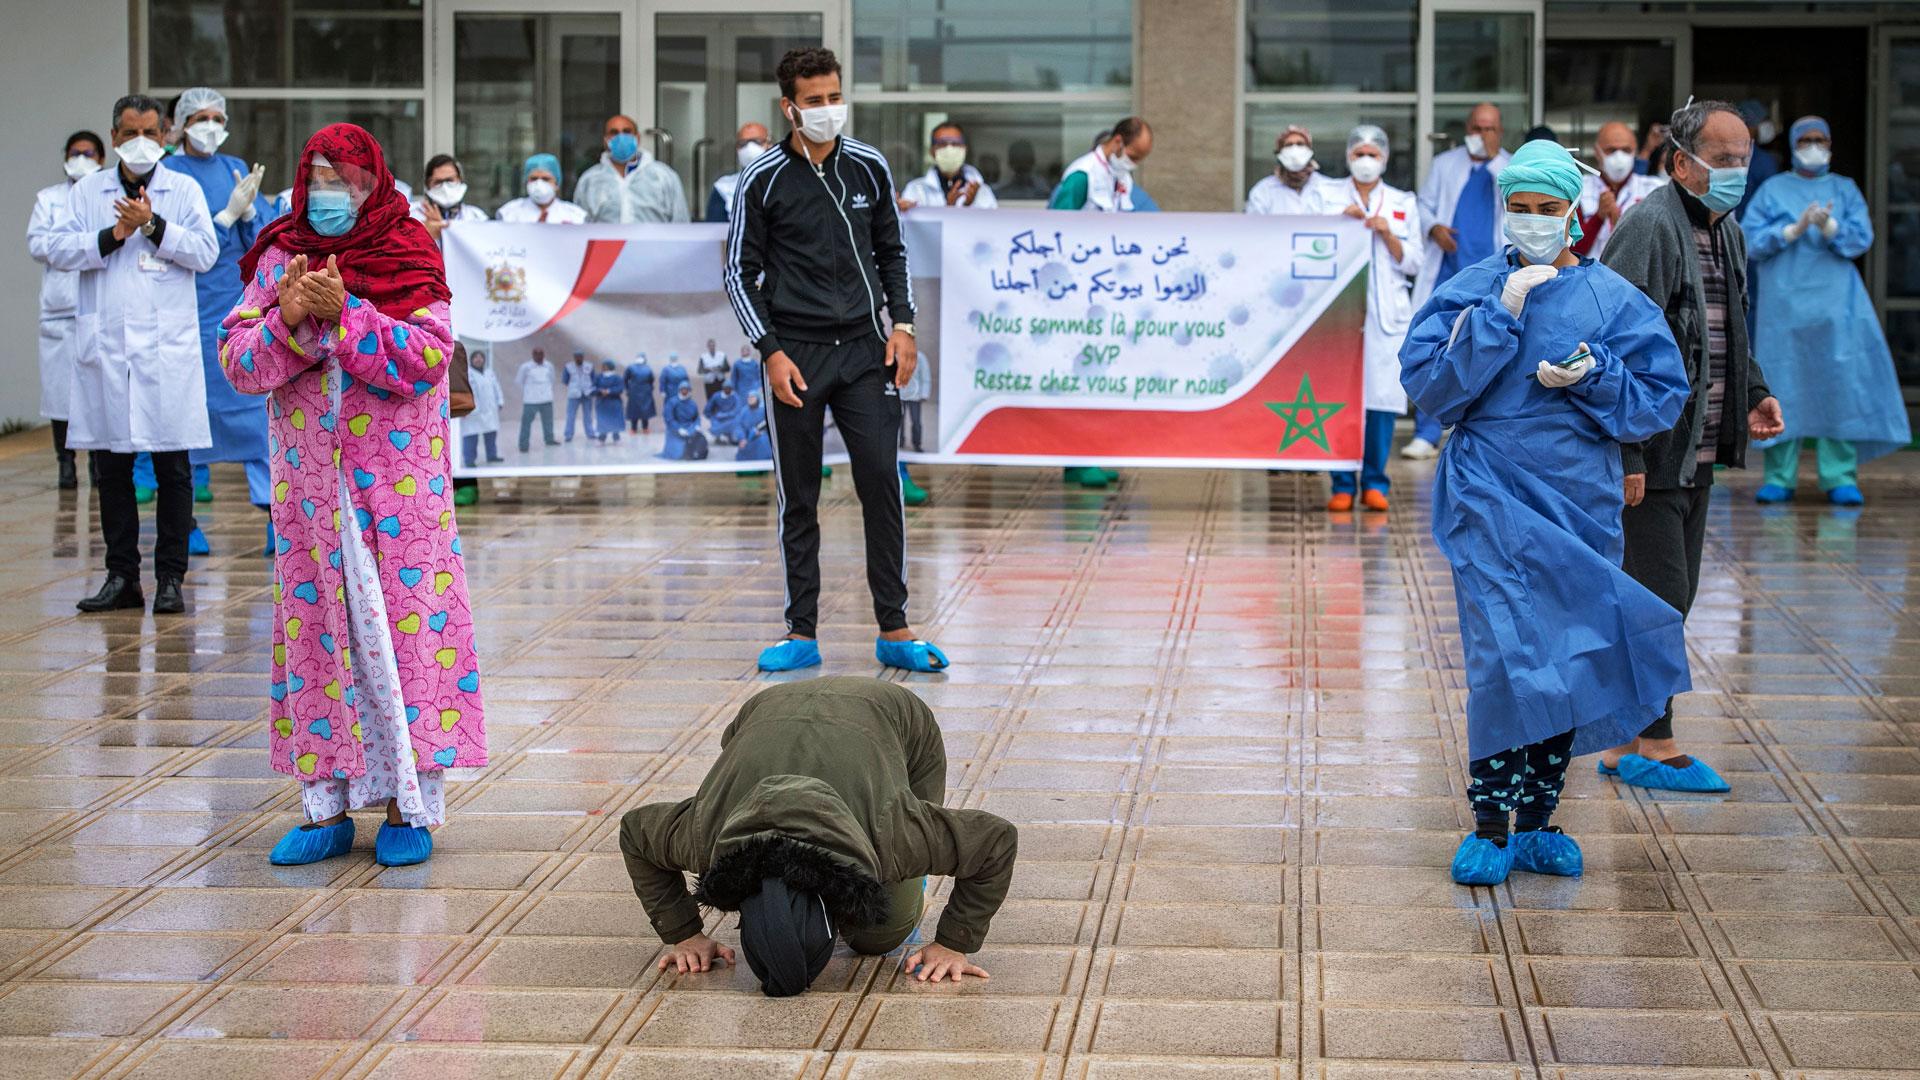 Un paciente de covid-19 besa el suelo tras abandonar el hospital en Marruecos.